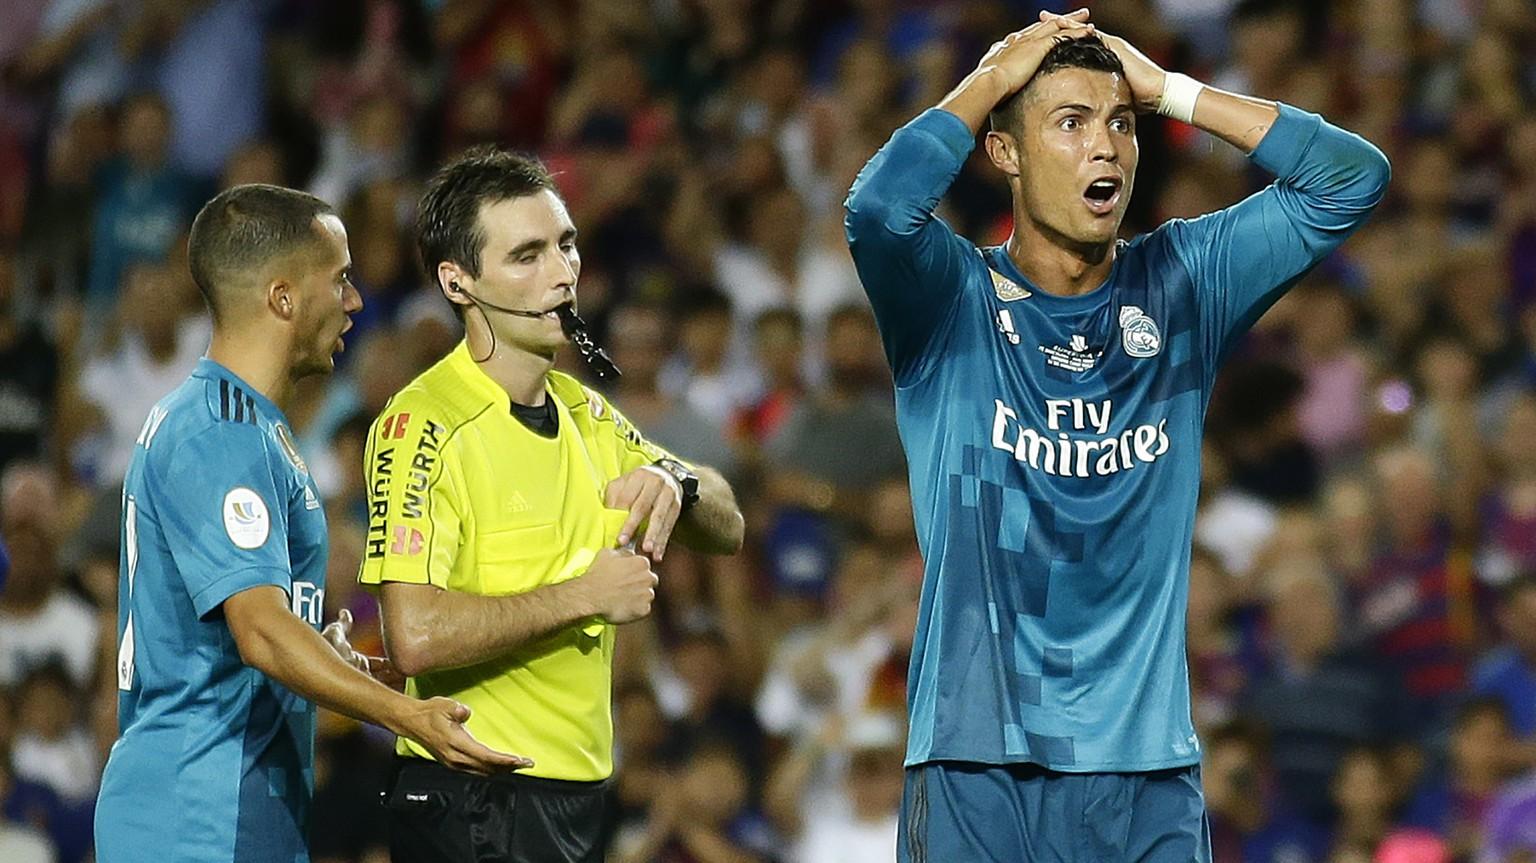 Ronaldo fliegt wegen Schwalbe vom Platz und schupft danach den Schiedsrichter